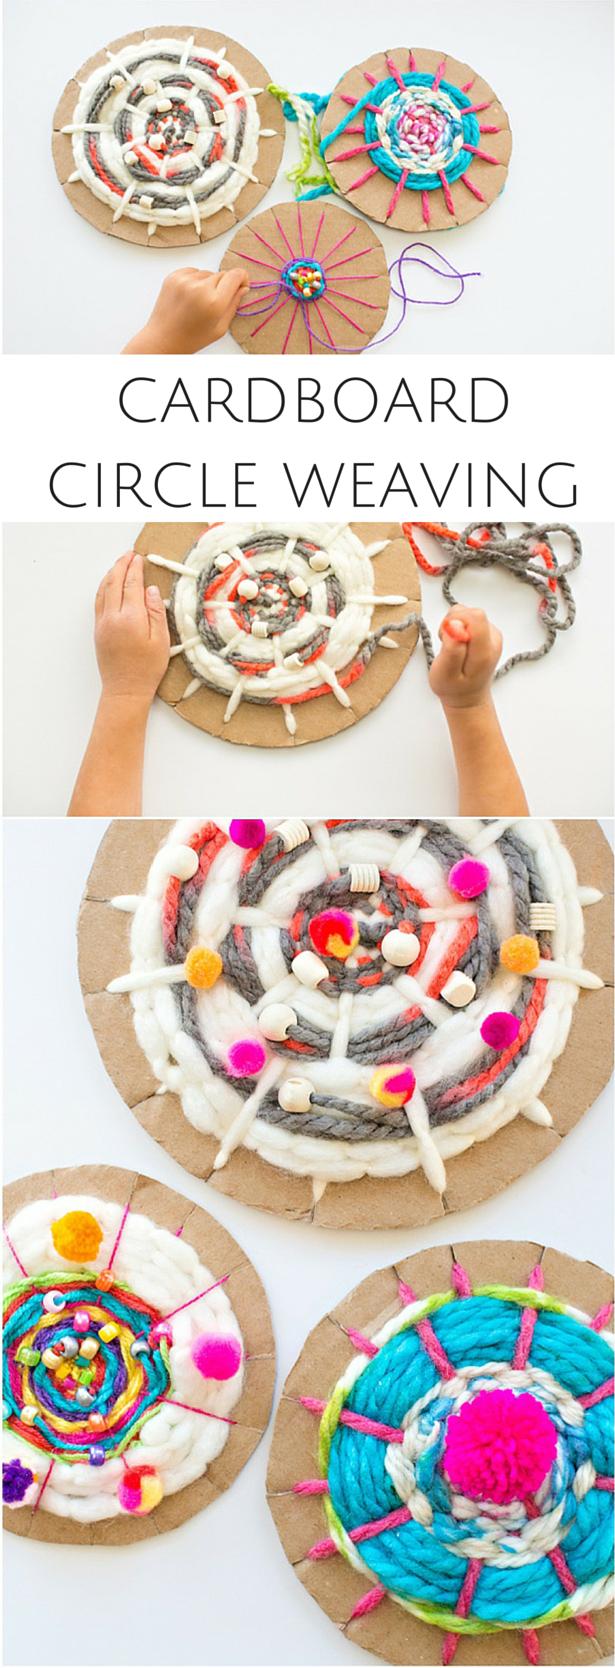 EASY CARDBOARD CIRCLE WEAVING FOR KIDS | Kreisform, Weben und ...